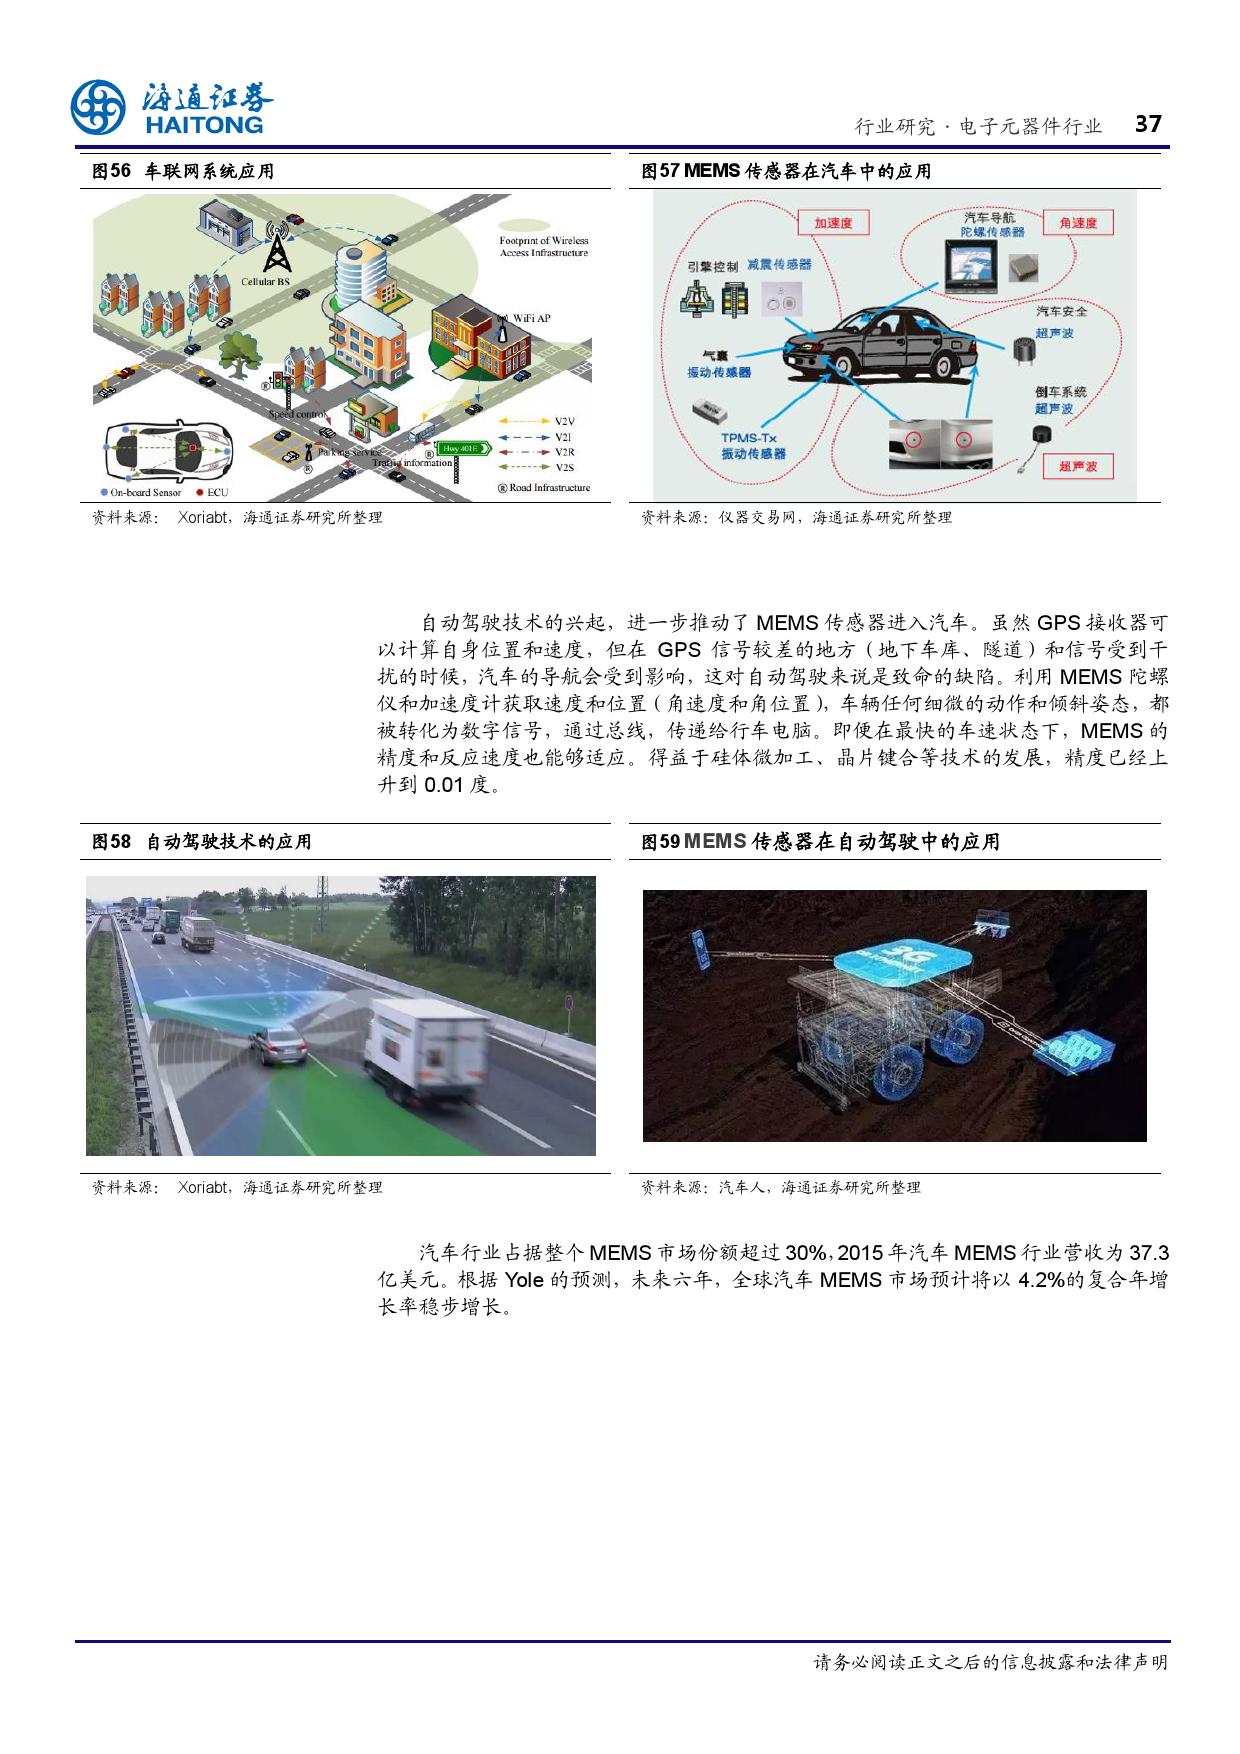 报告全解传感器全球产业链_000037